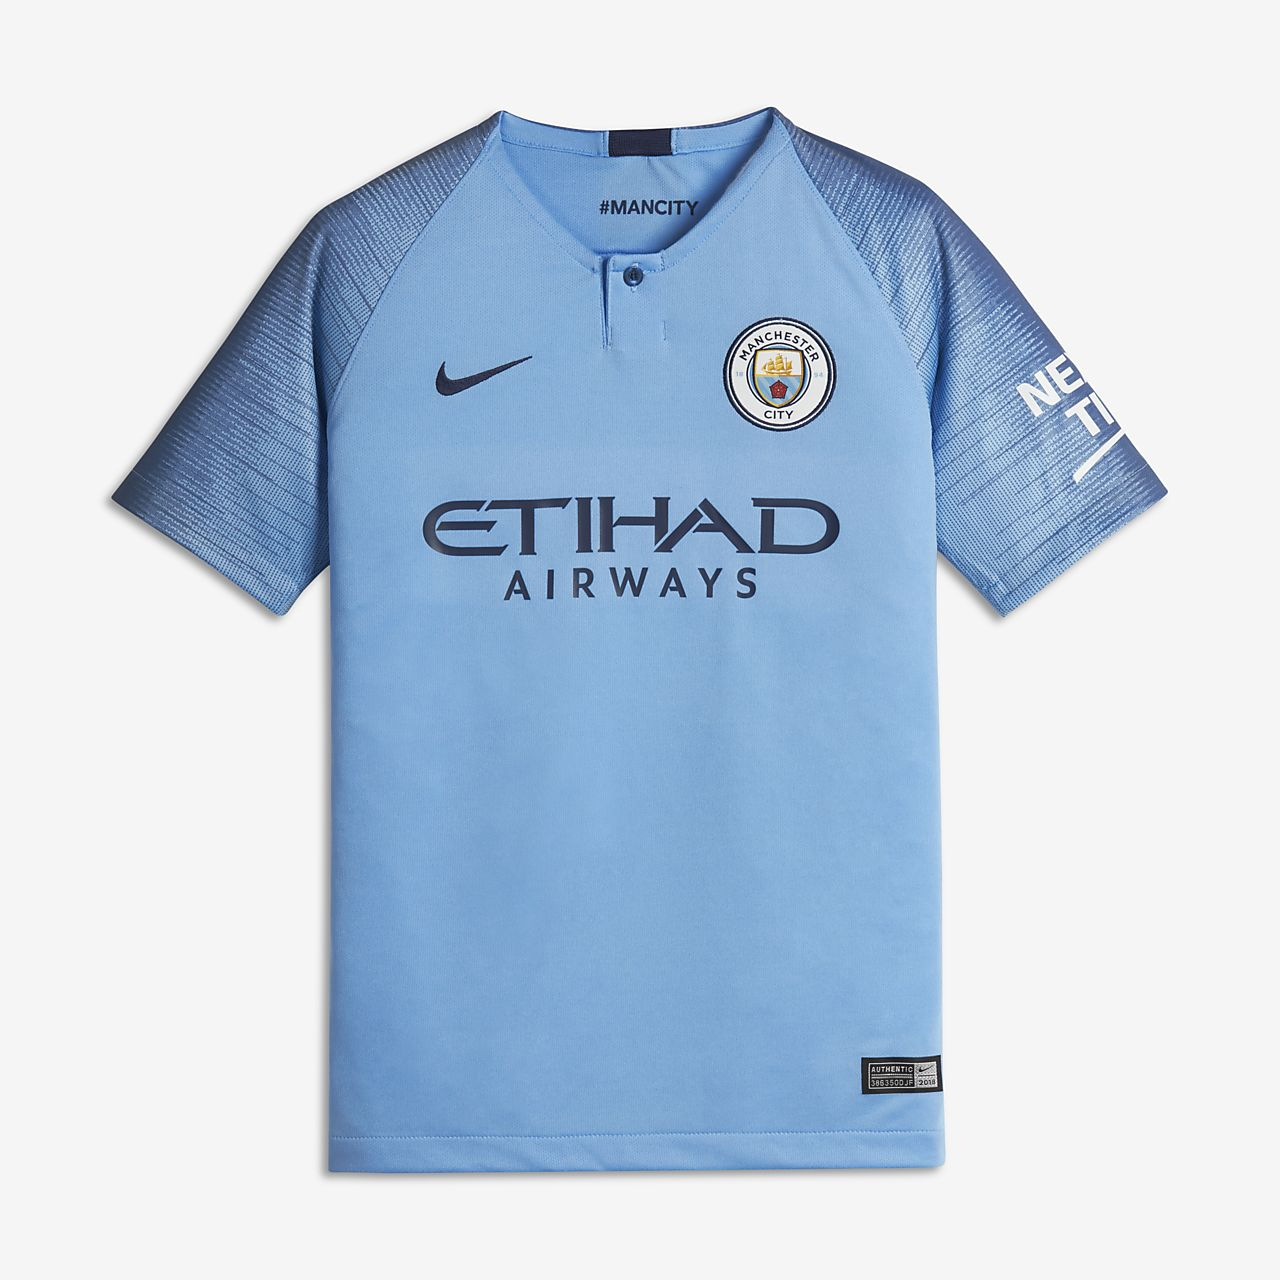 8d728574bfc09 2018/19 Manchester City FC Stadium Home Older Kids' Football Shirt ...